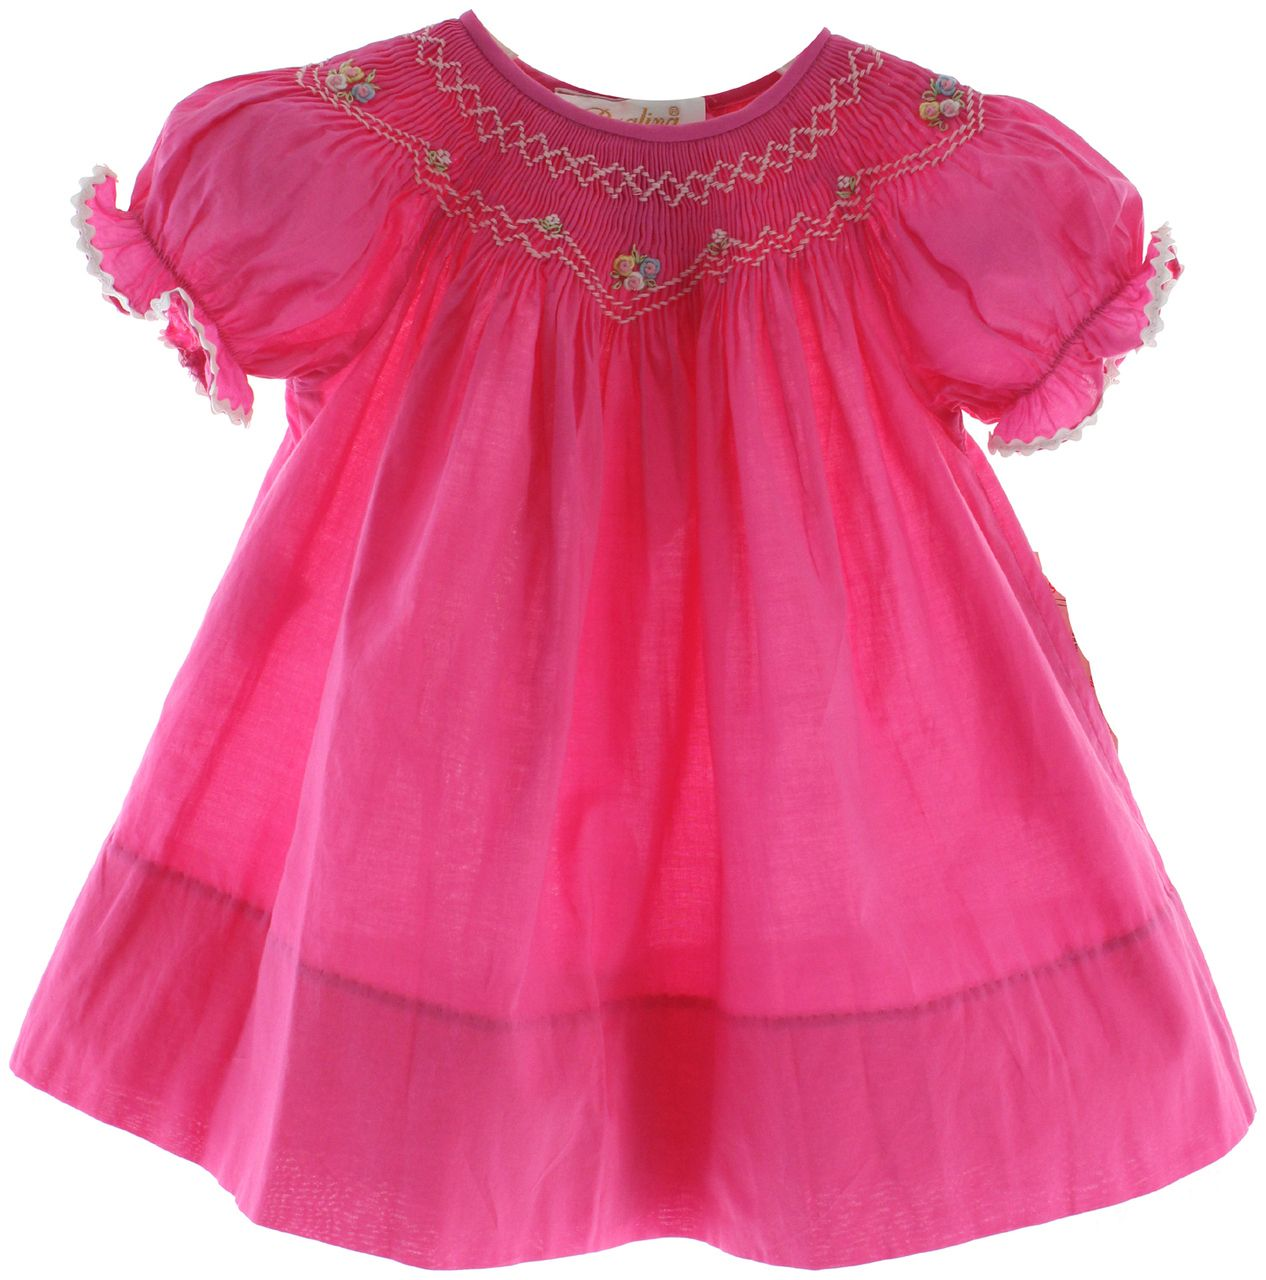 4ea6ec27493f Hiccups Childrens Boutique - Girls Hot Pink Smocked Bishop Dress Rosalina,  $42.00 (http: